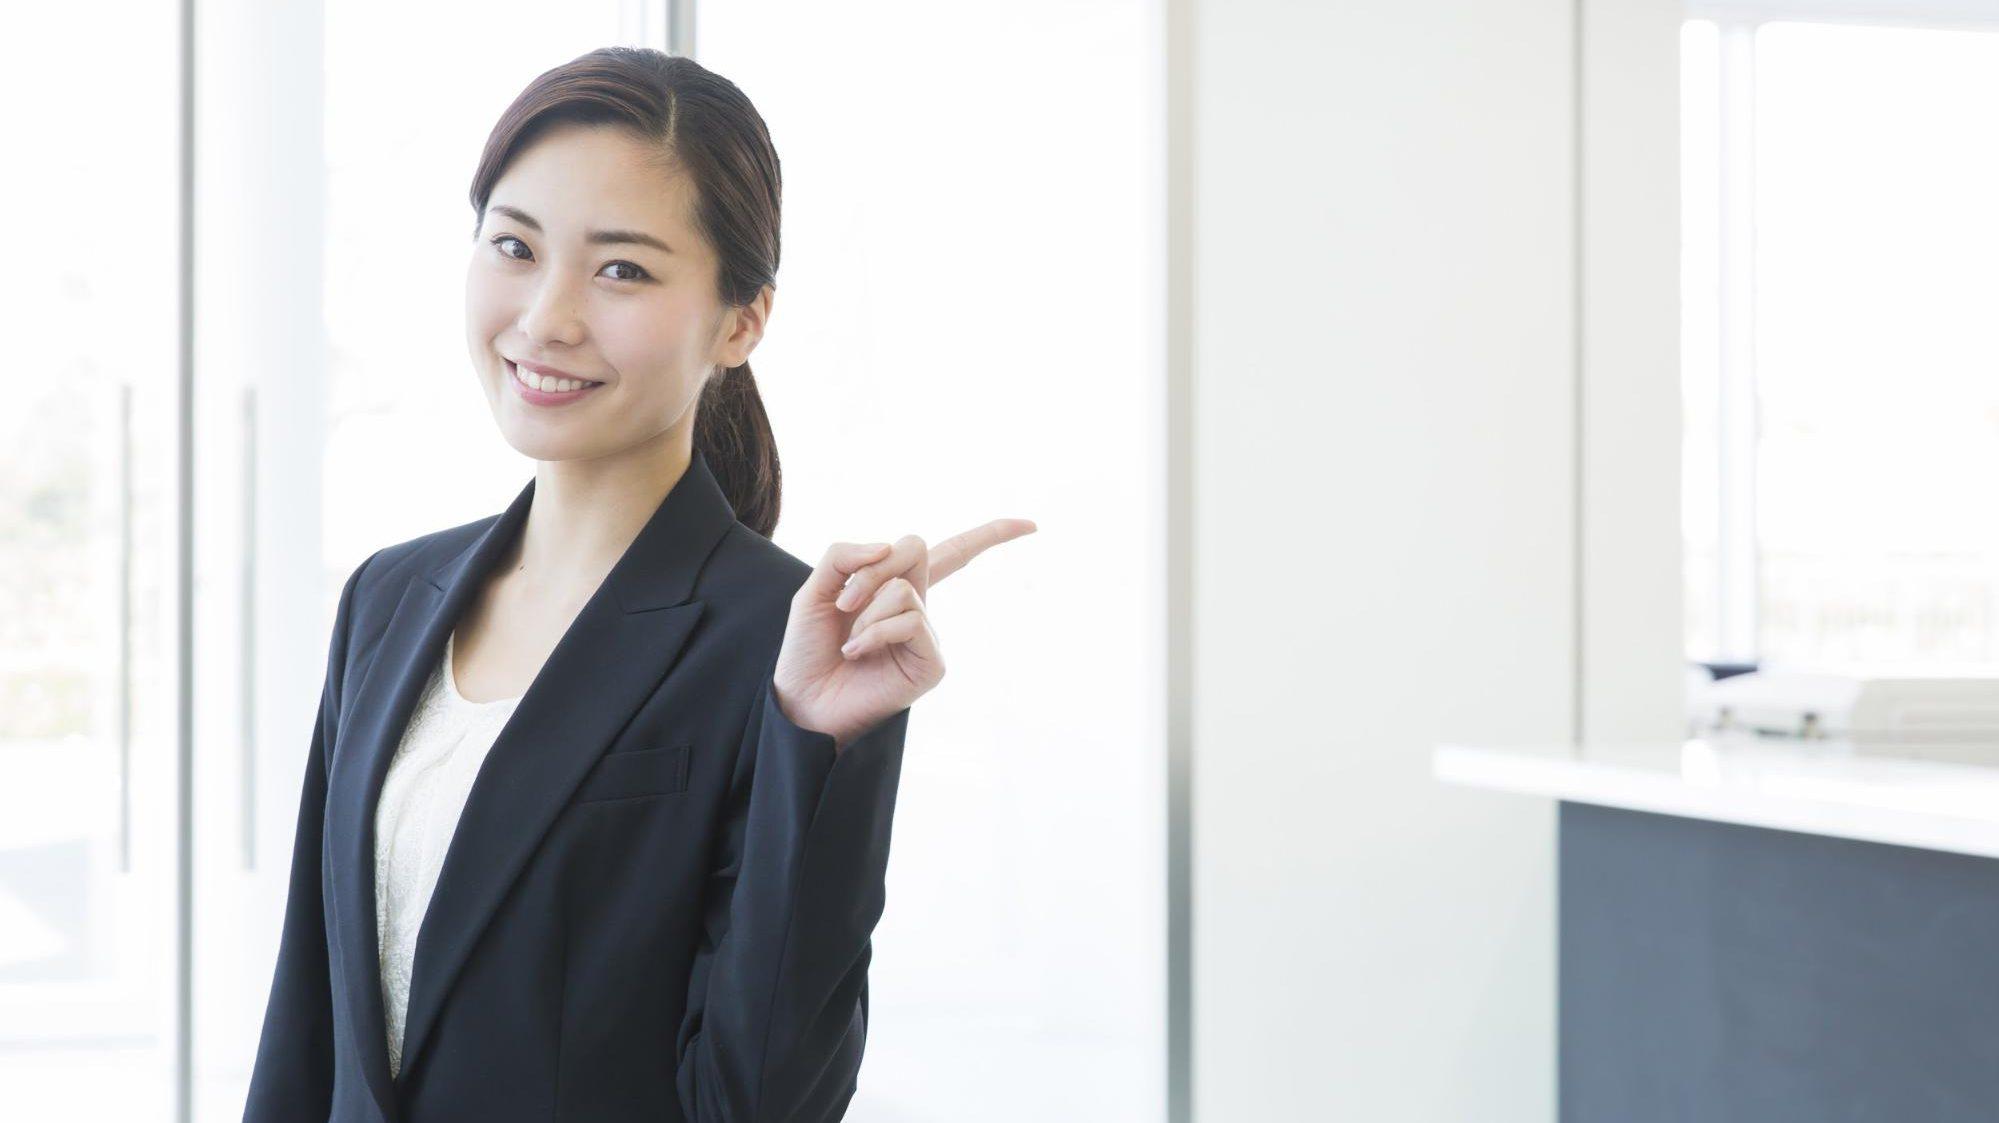 令和の新卒採用いろは 〜初めて新卒採用を行う企業の方へ〜